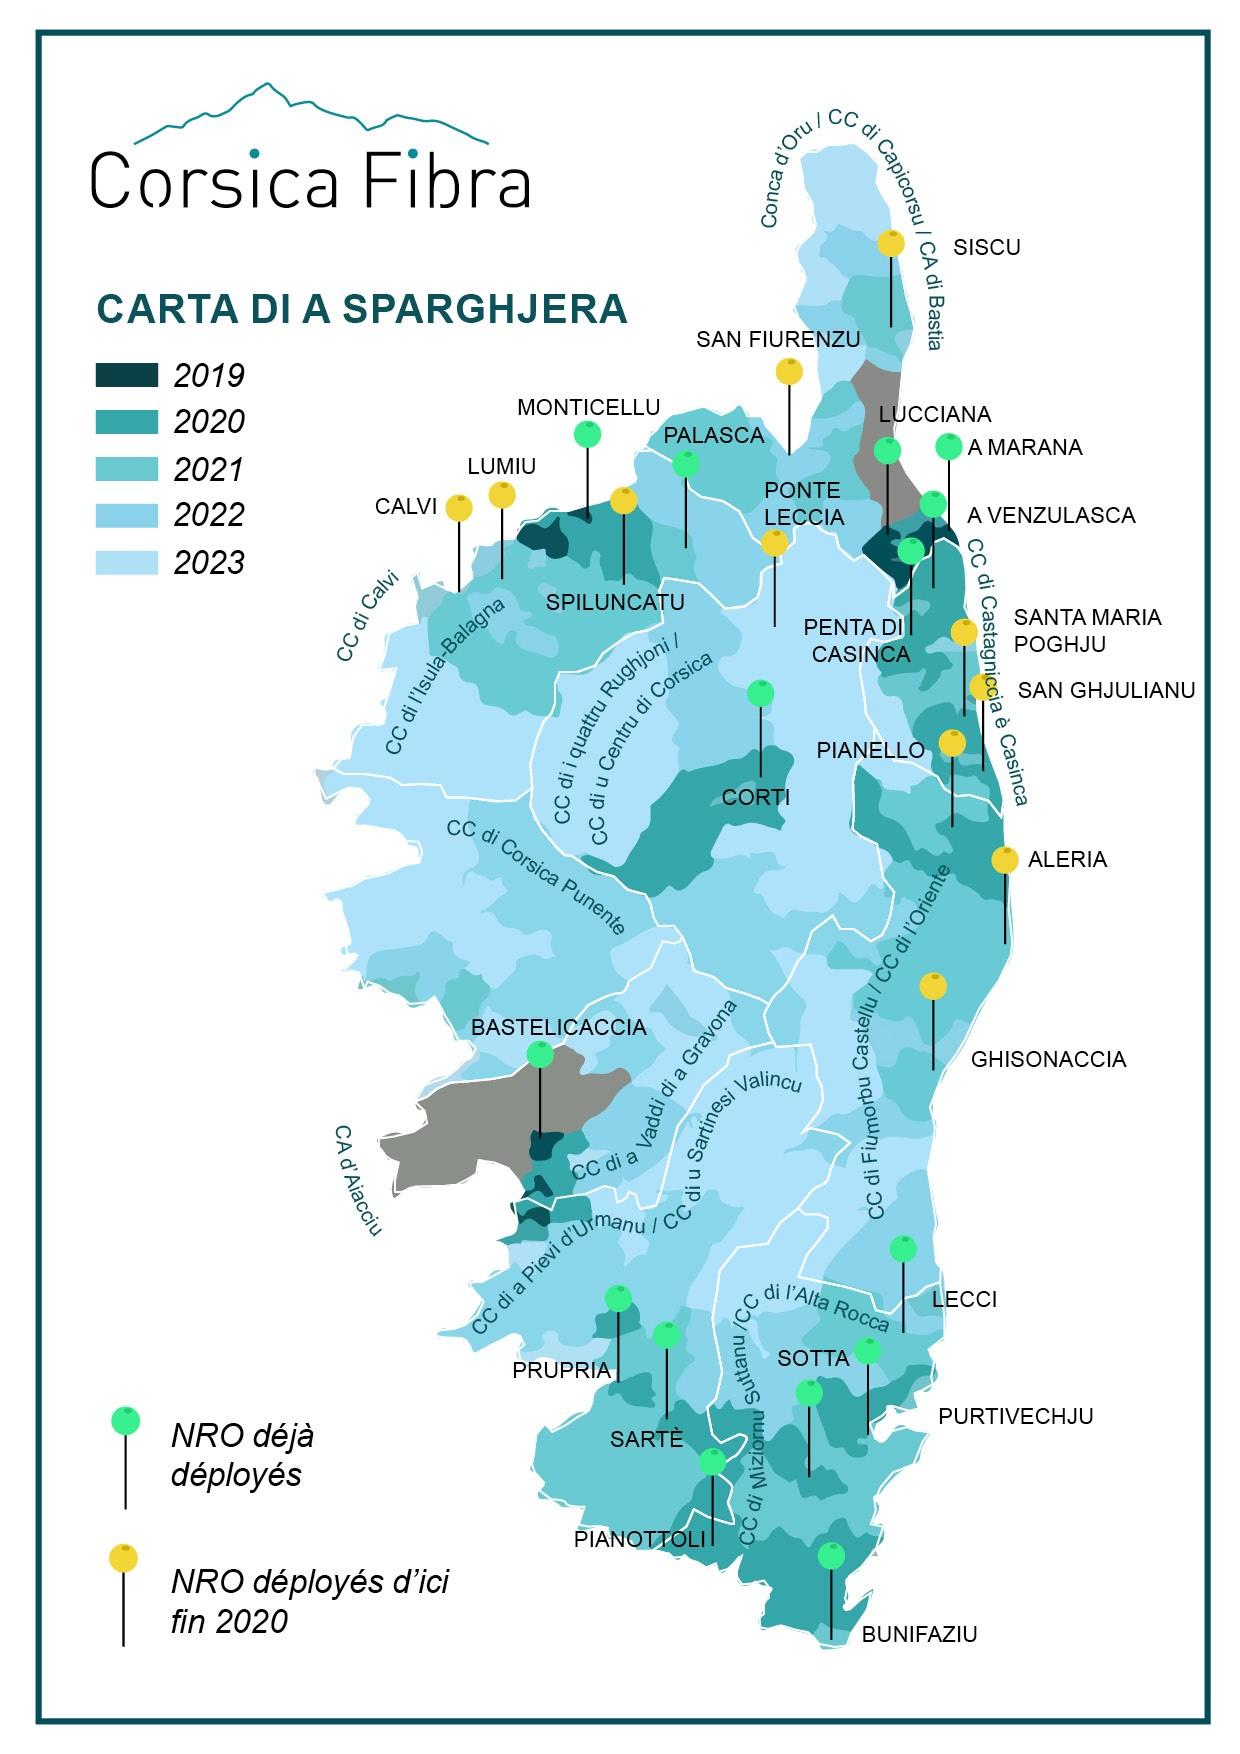 Sparghjera di a fibra - Les travaux de déploiement de la fibre optique s'accélèrent sur le réseau Corsica Fibra